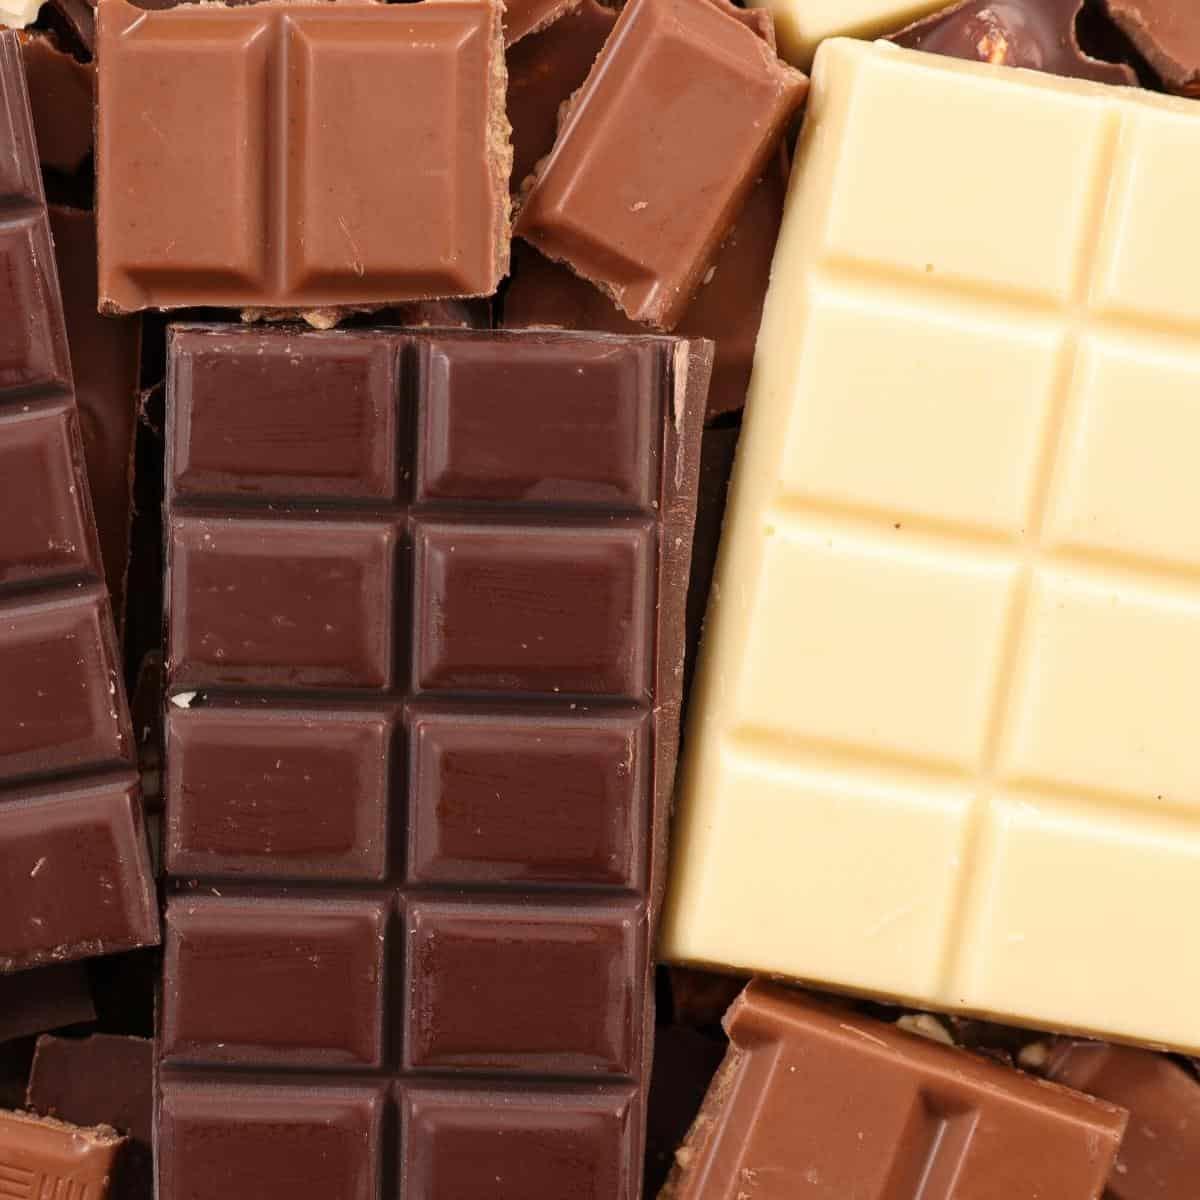 Chocolate bars - white milk and dark